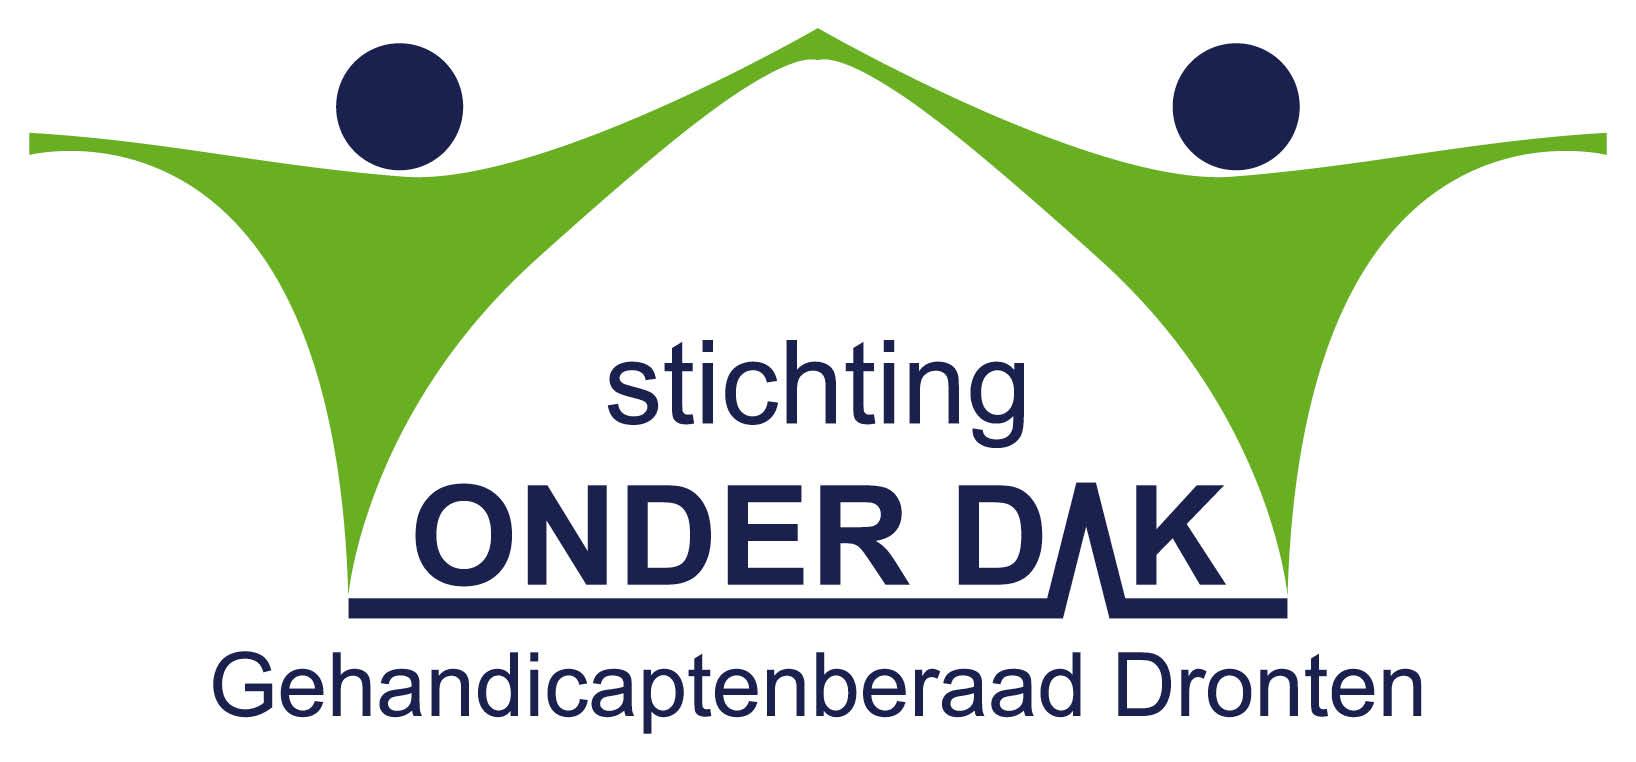 Logo Stichting Onder Dak Gehandicaptenberaad Dronten